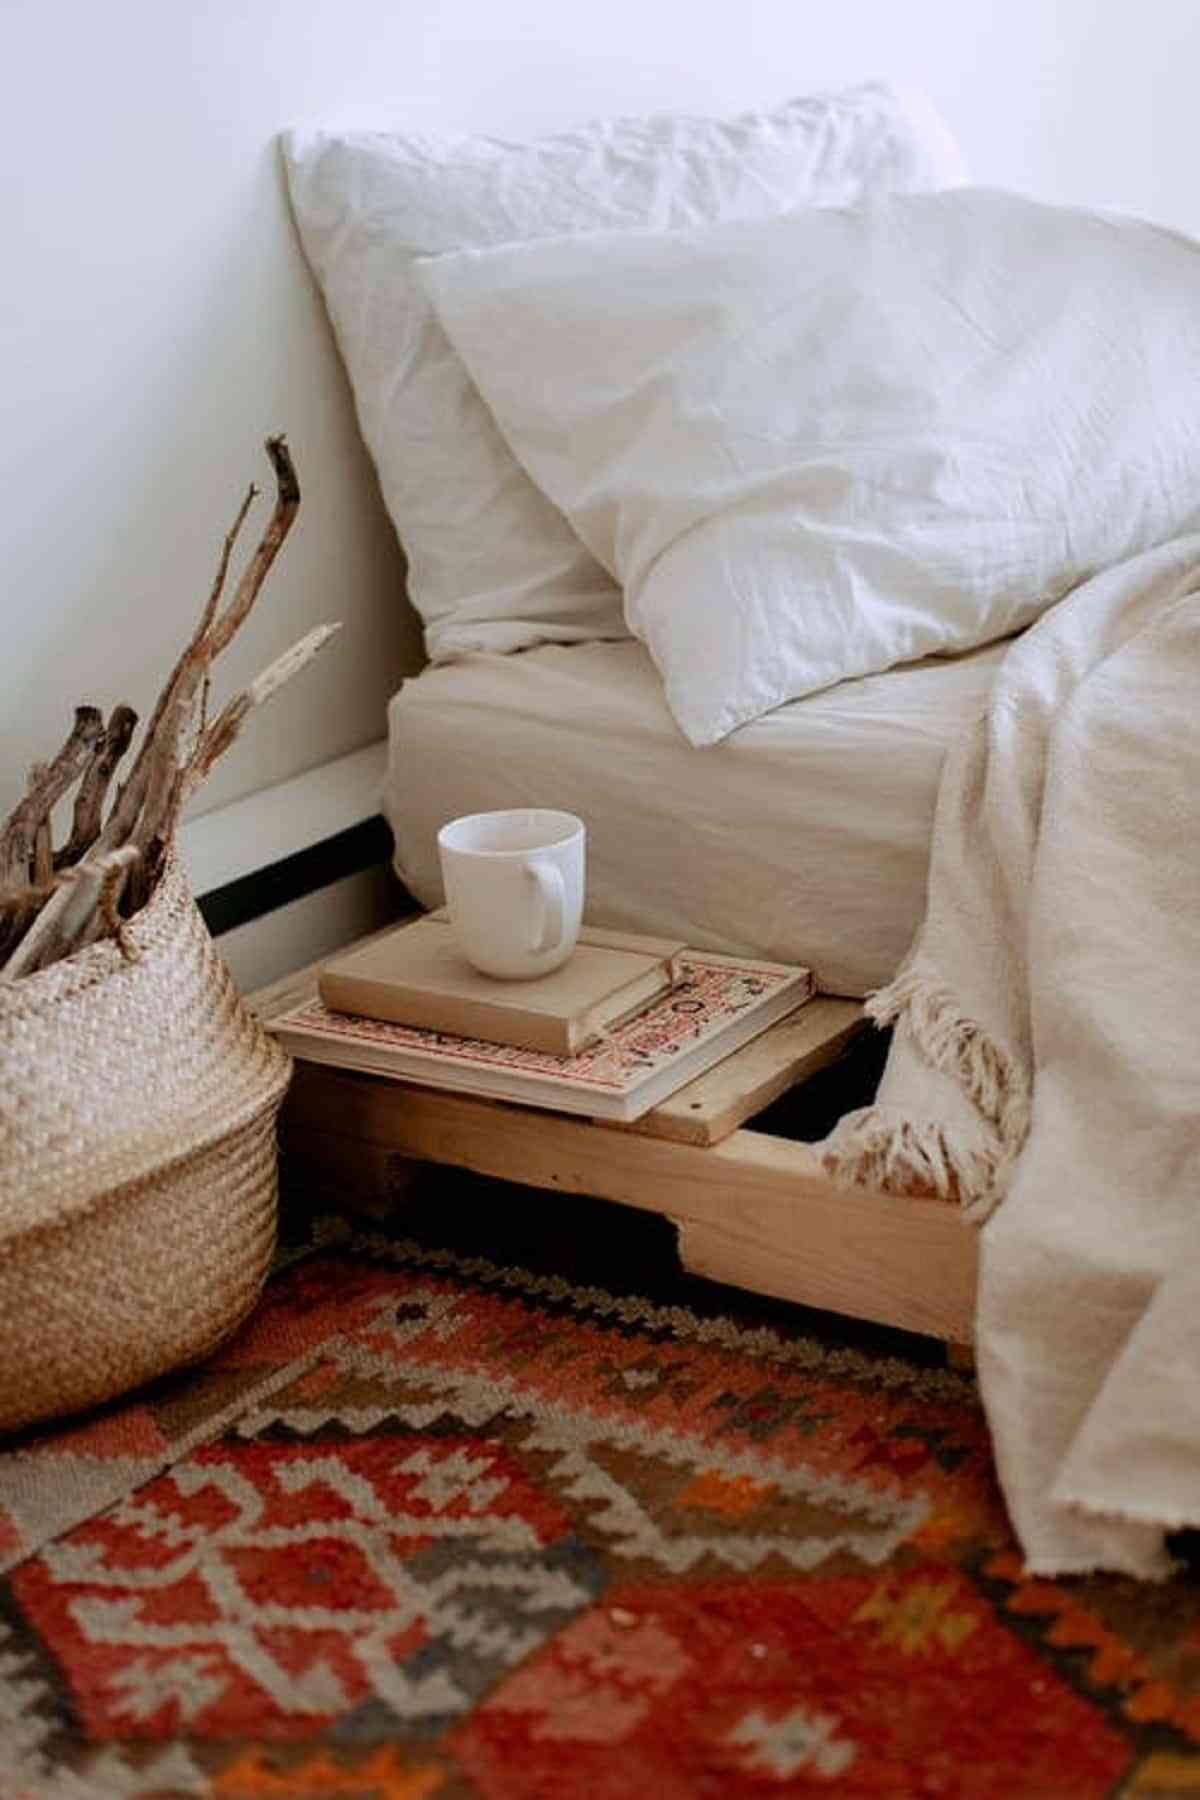 La cama con almacenamientos son muebles ideales para guardar objetos en el espacio que queda debajo del colchón.